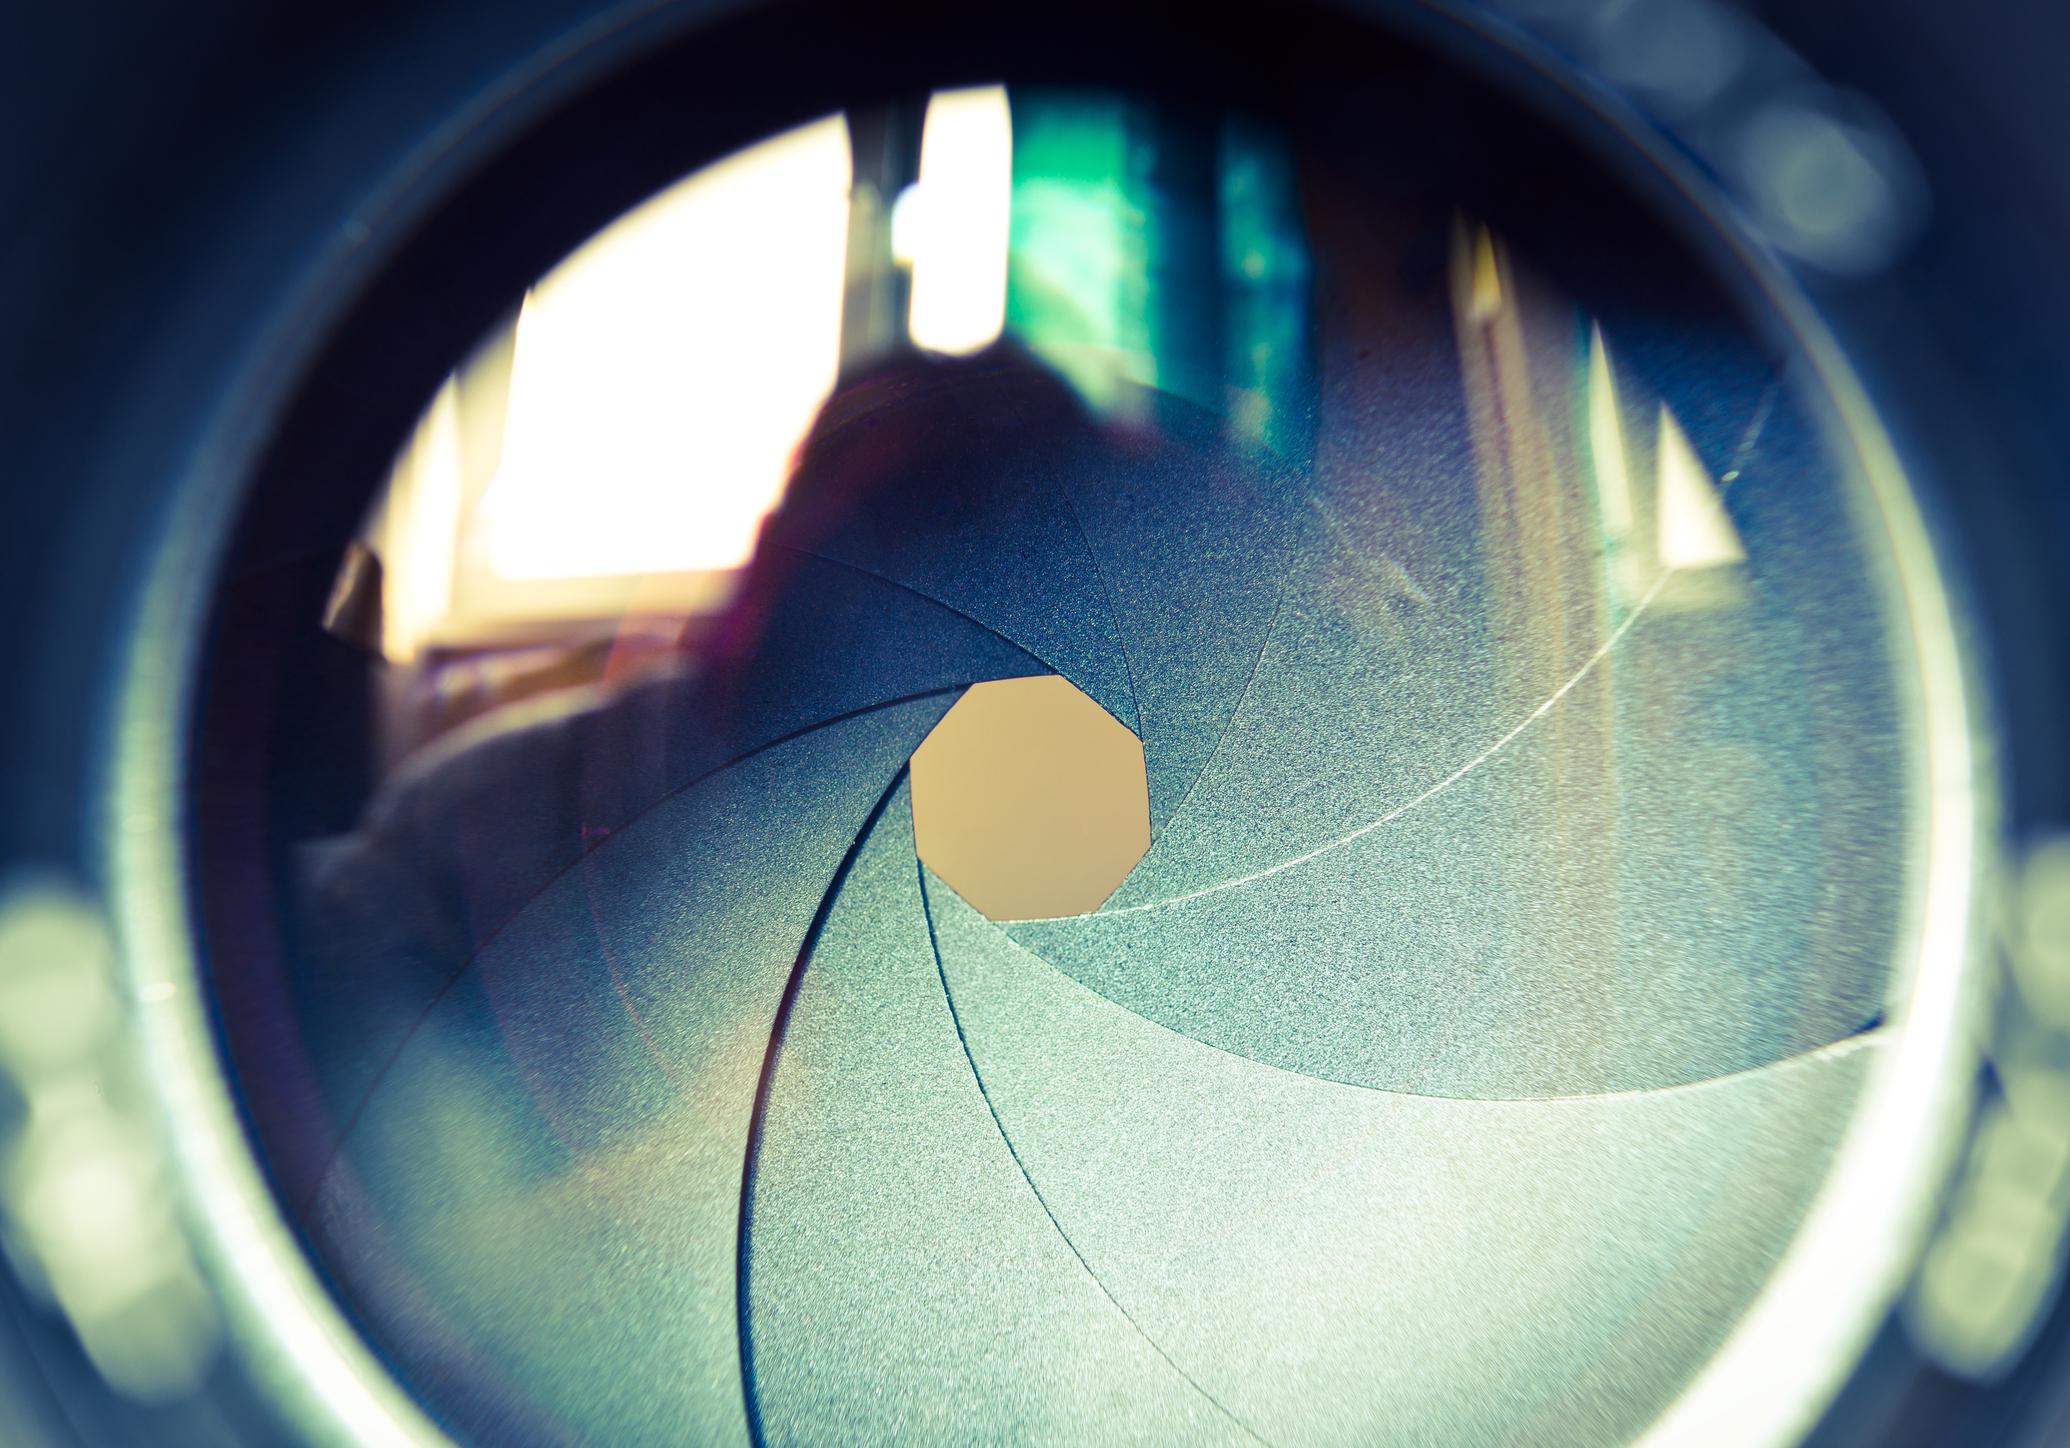 A camera's aperture, shown close up